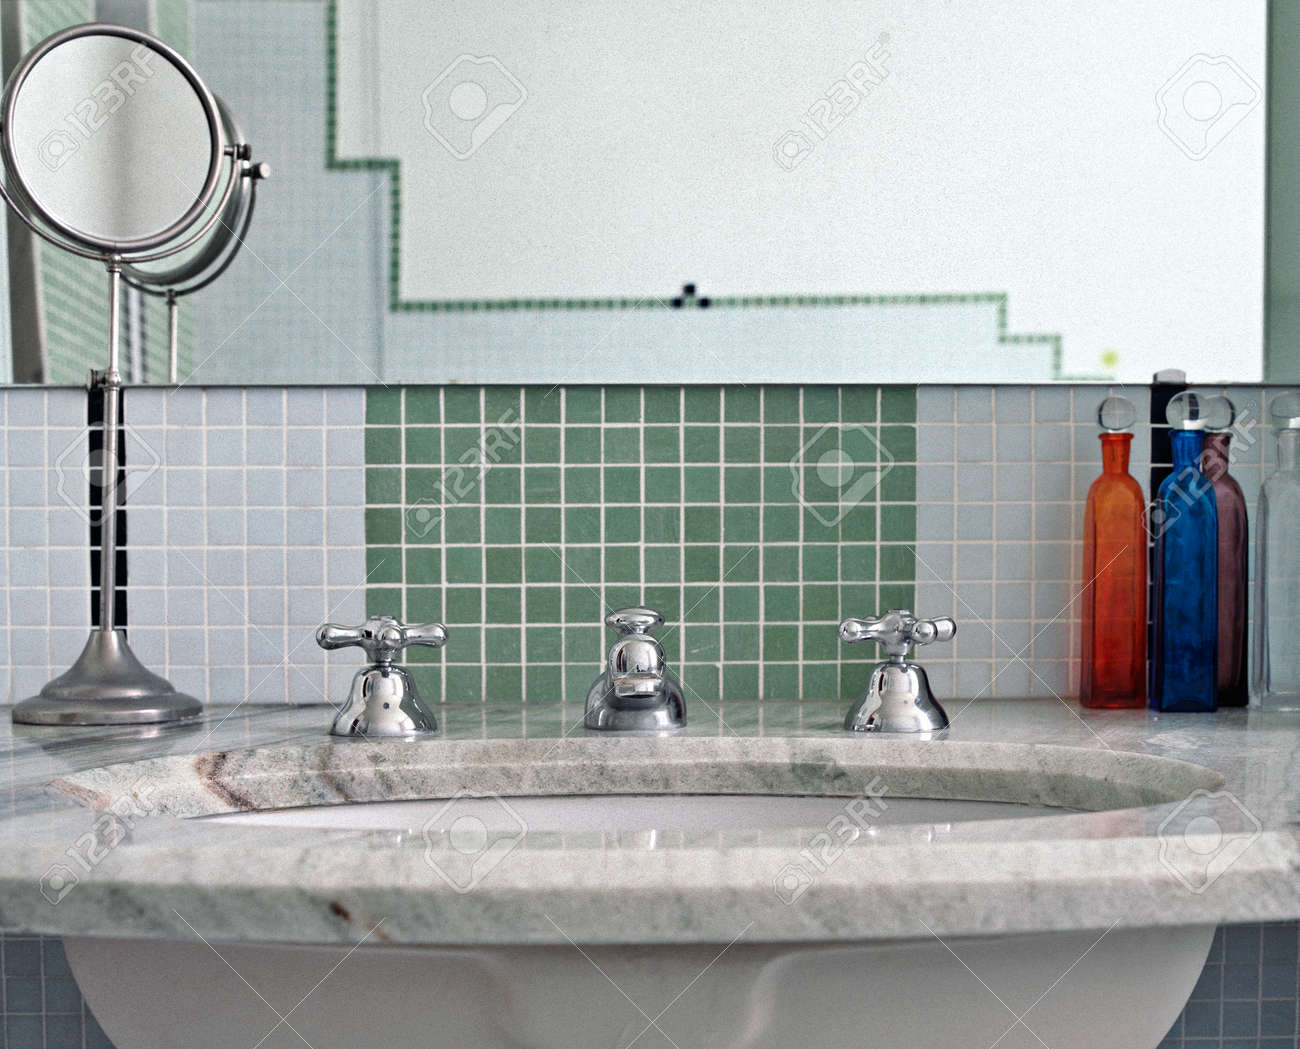 Detalle del lavabo en un cuarto de baño moderno con azulejos de mosaico